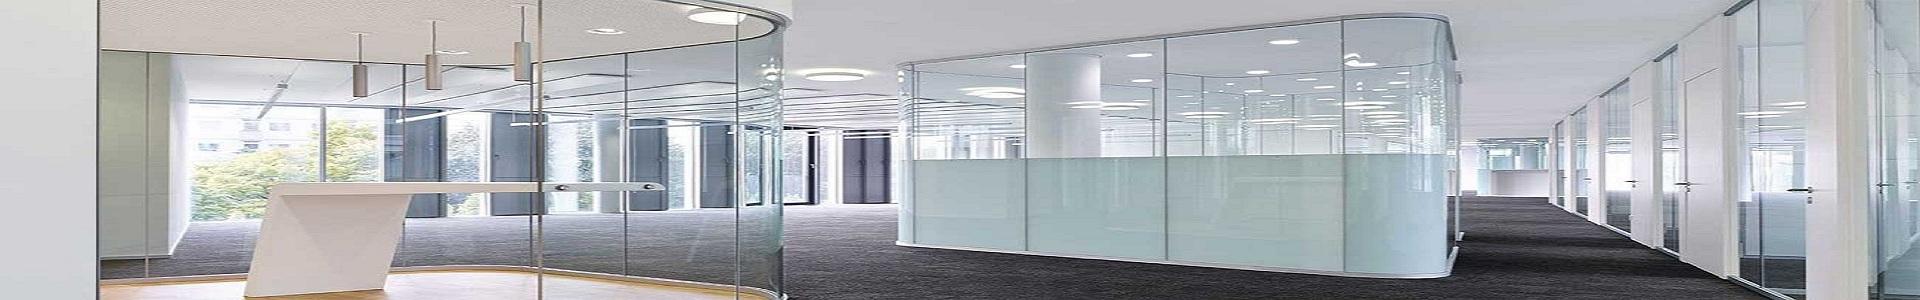 成都玻璃隔断,成都活动隔断,成都办公室玻璃隔断,成都隔断,成都移动隔断,成都隔断墙